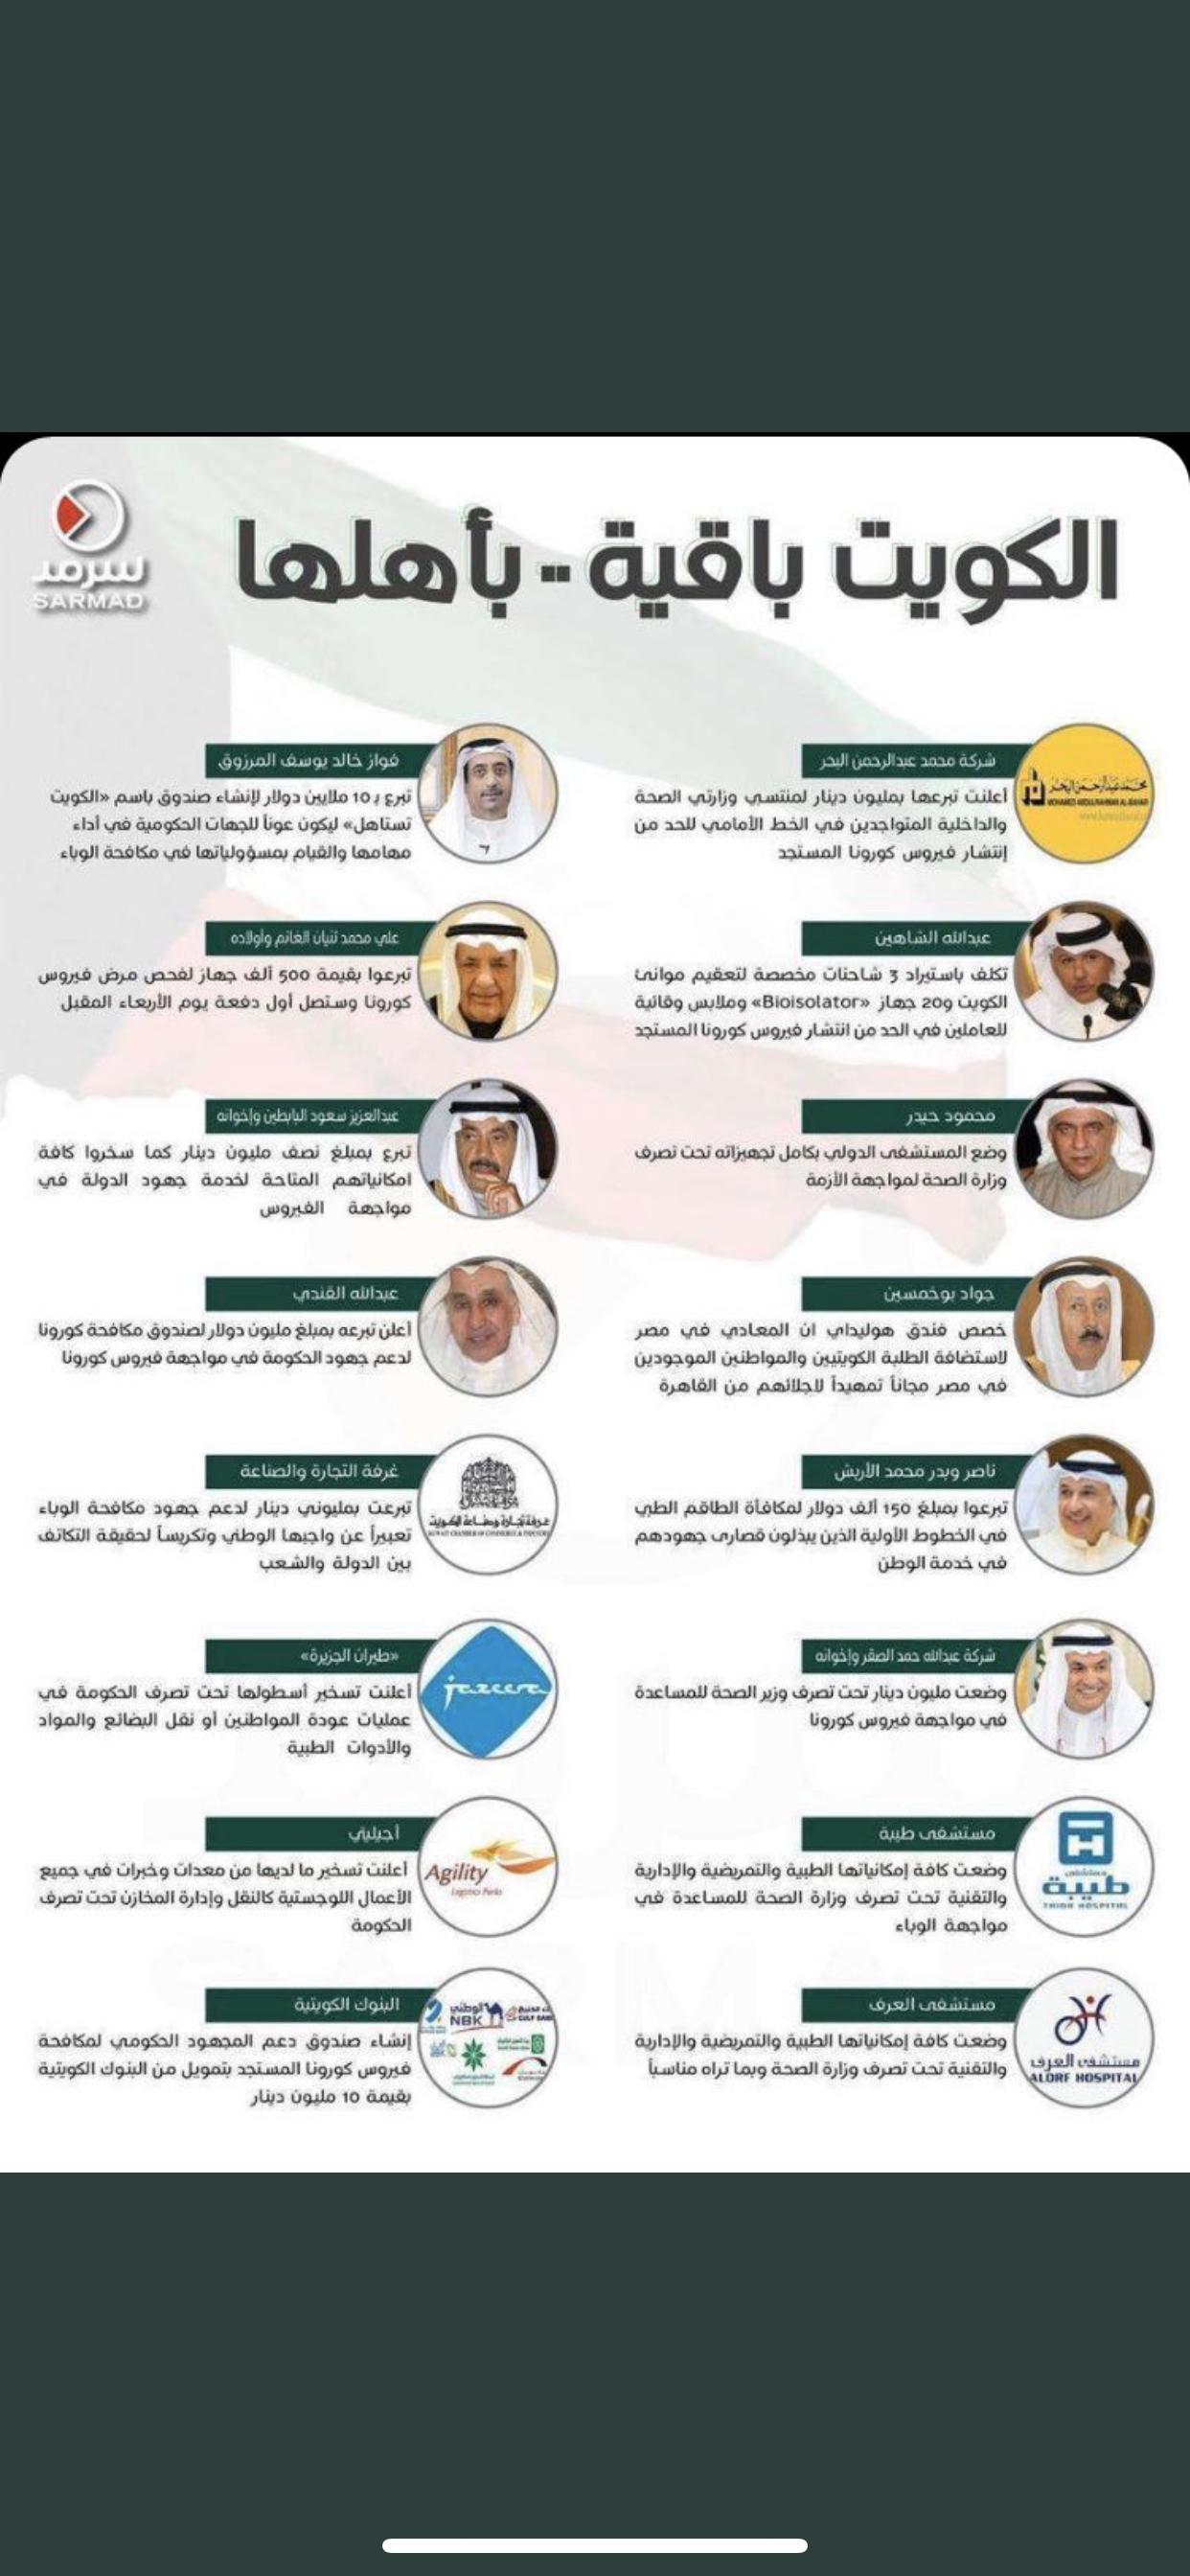 تبرعات تجار الكويت هذي الكويت صل على النبي - هوامير ...